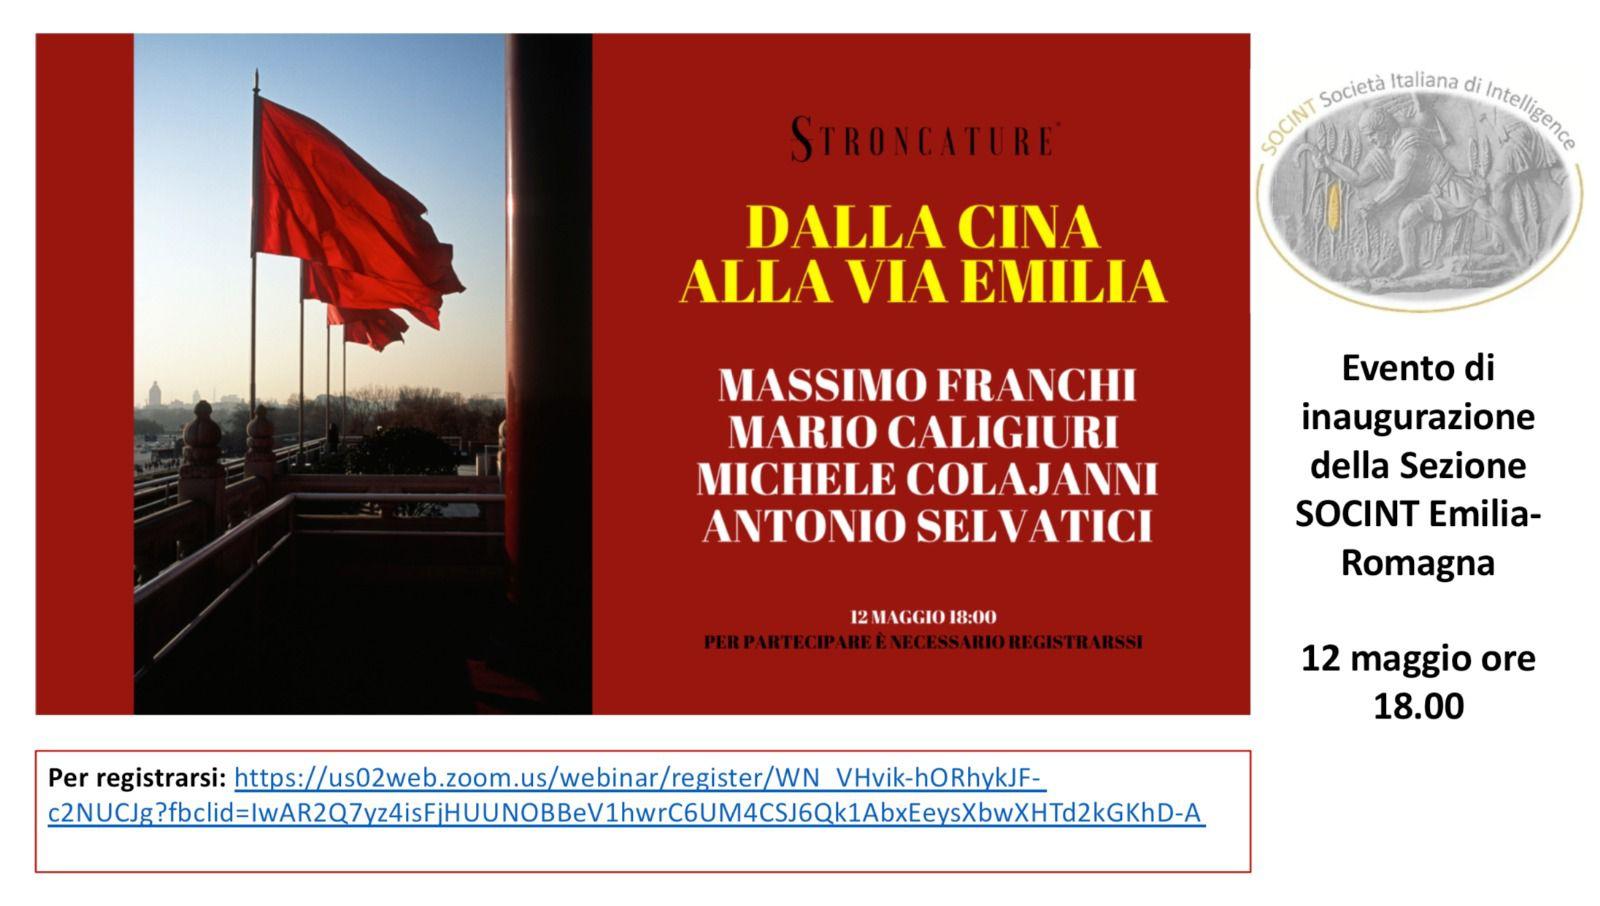 Sezione Emilia Romagna convegno inaugurale